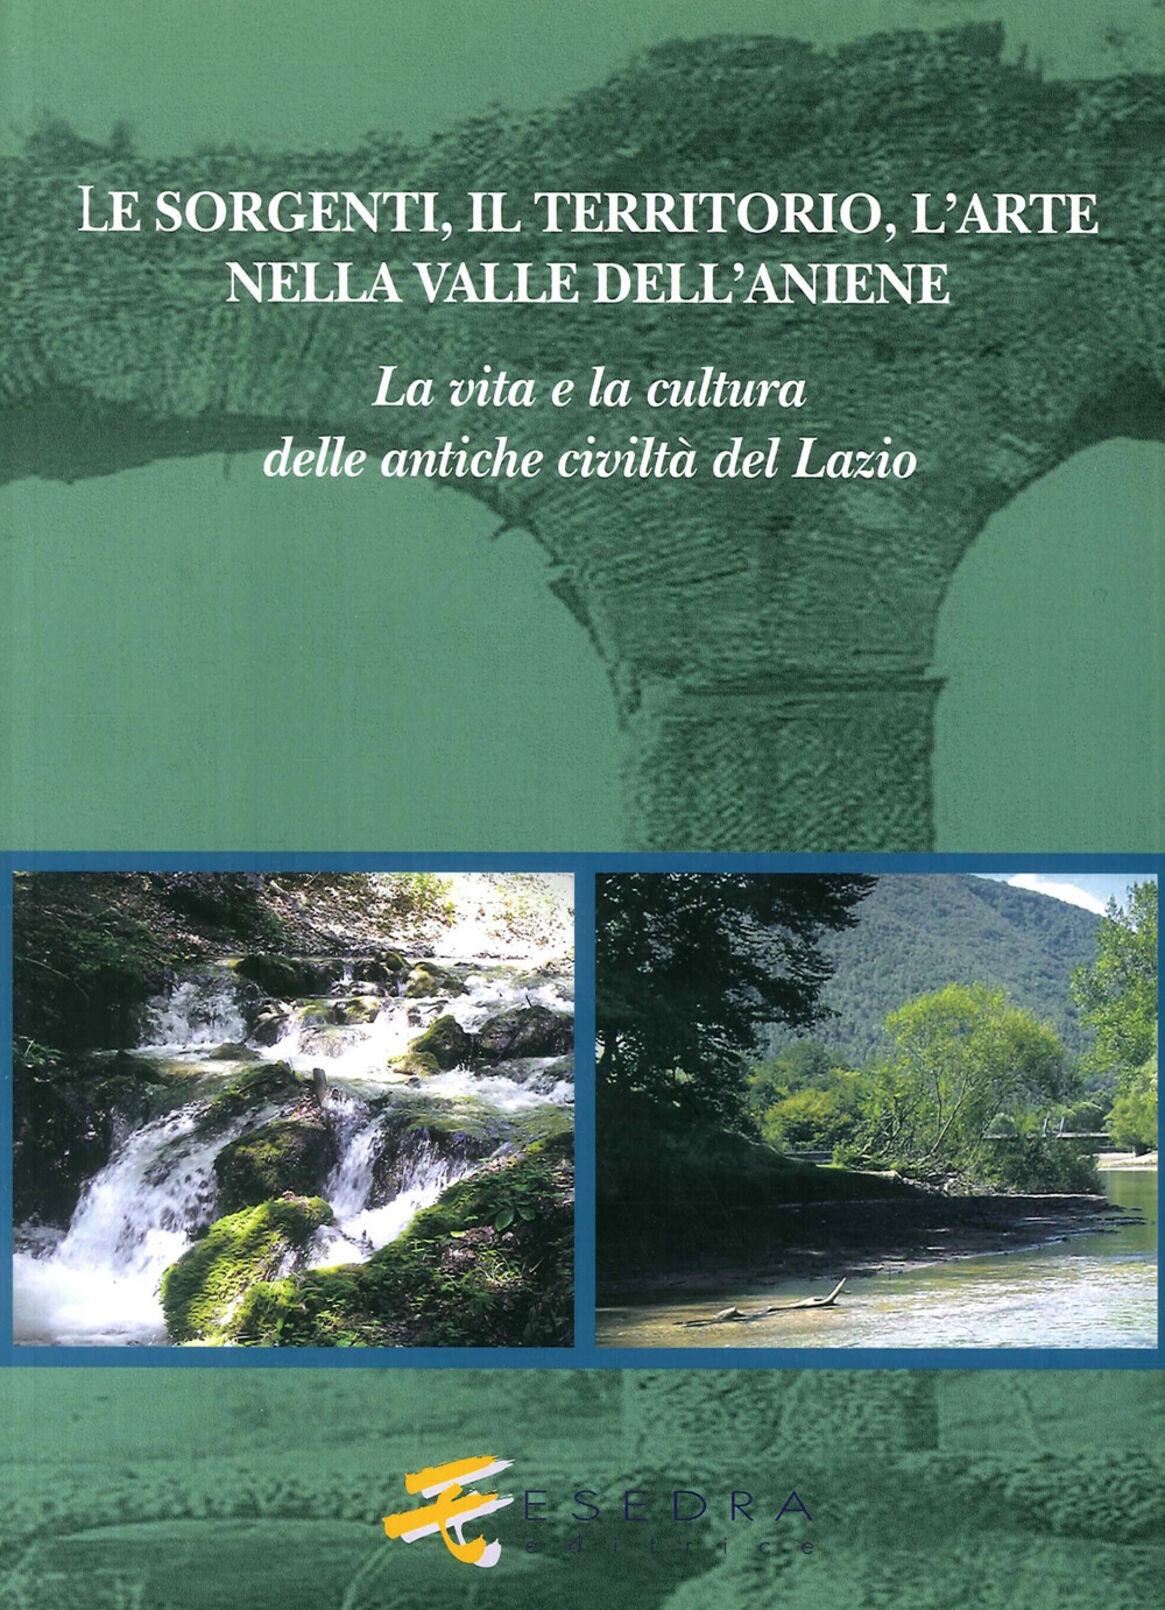 Le sorgenti, il territorio, l'arte nella valle dell'Aniene. La vita e la cultura delle antiche civiltà del Lazio